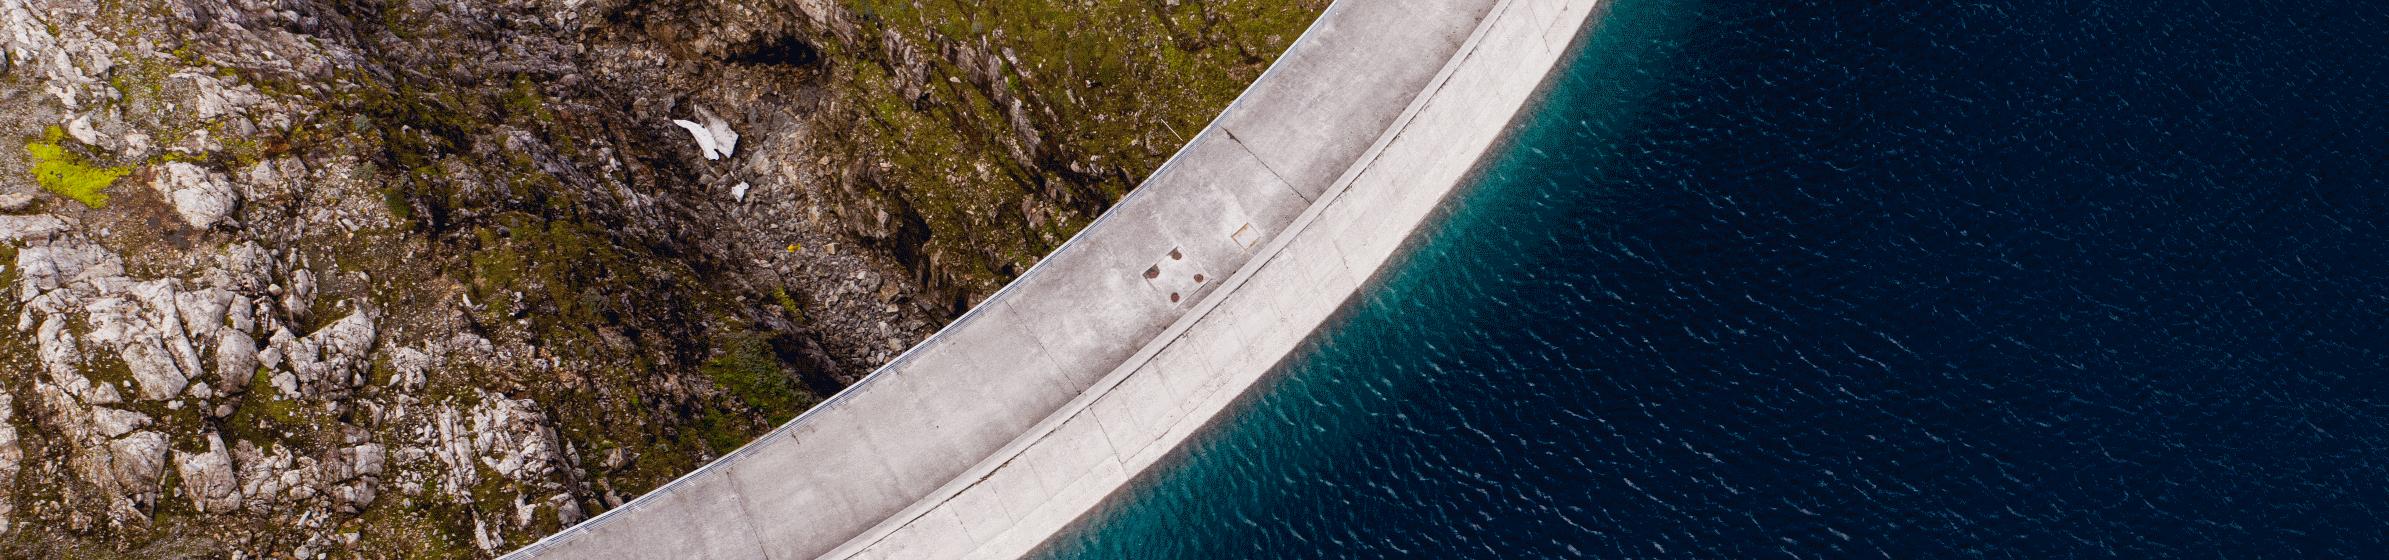 Staudamm und Stausee von oben